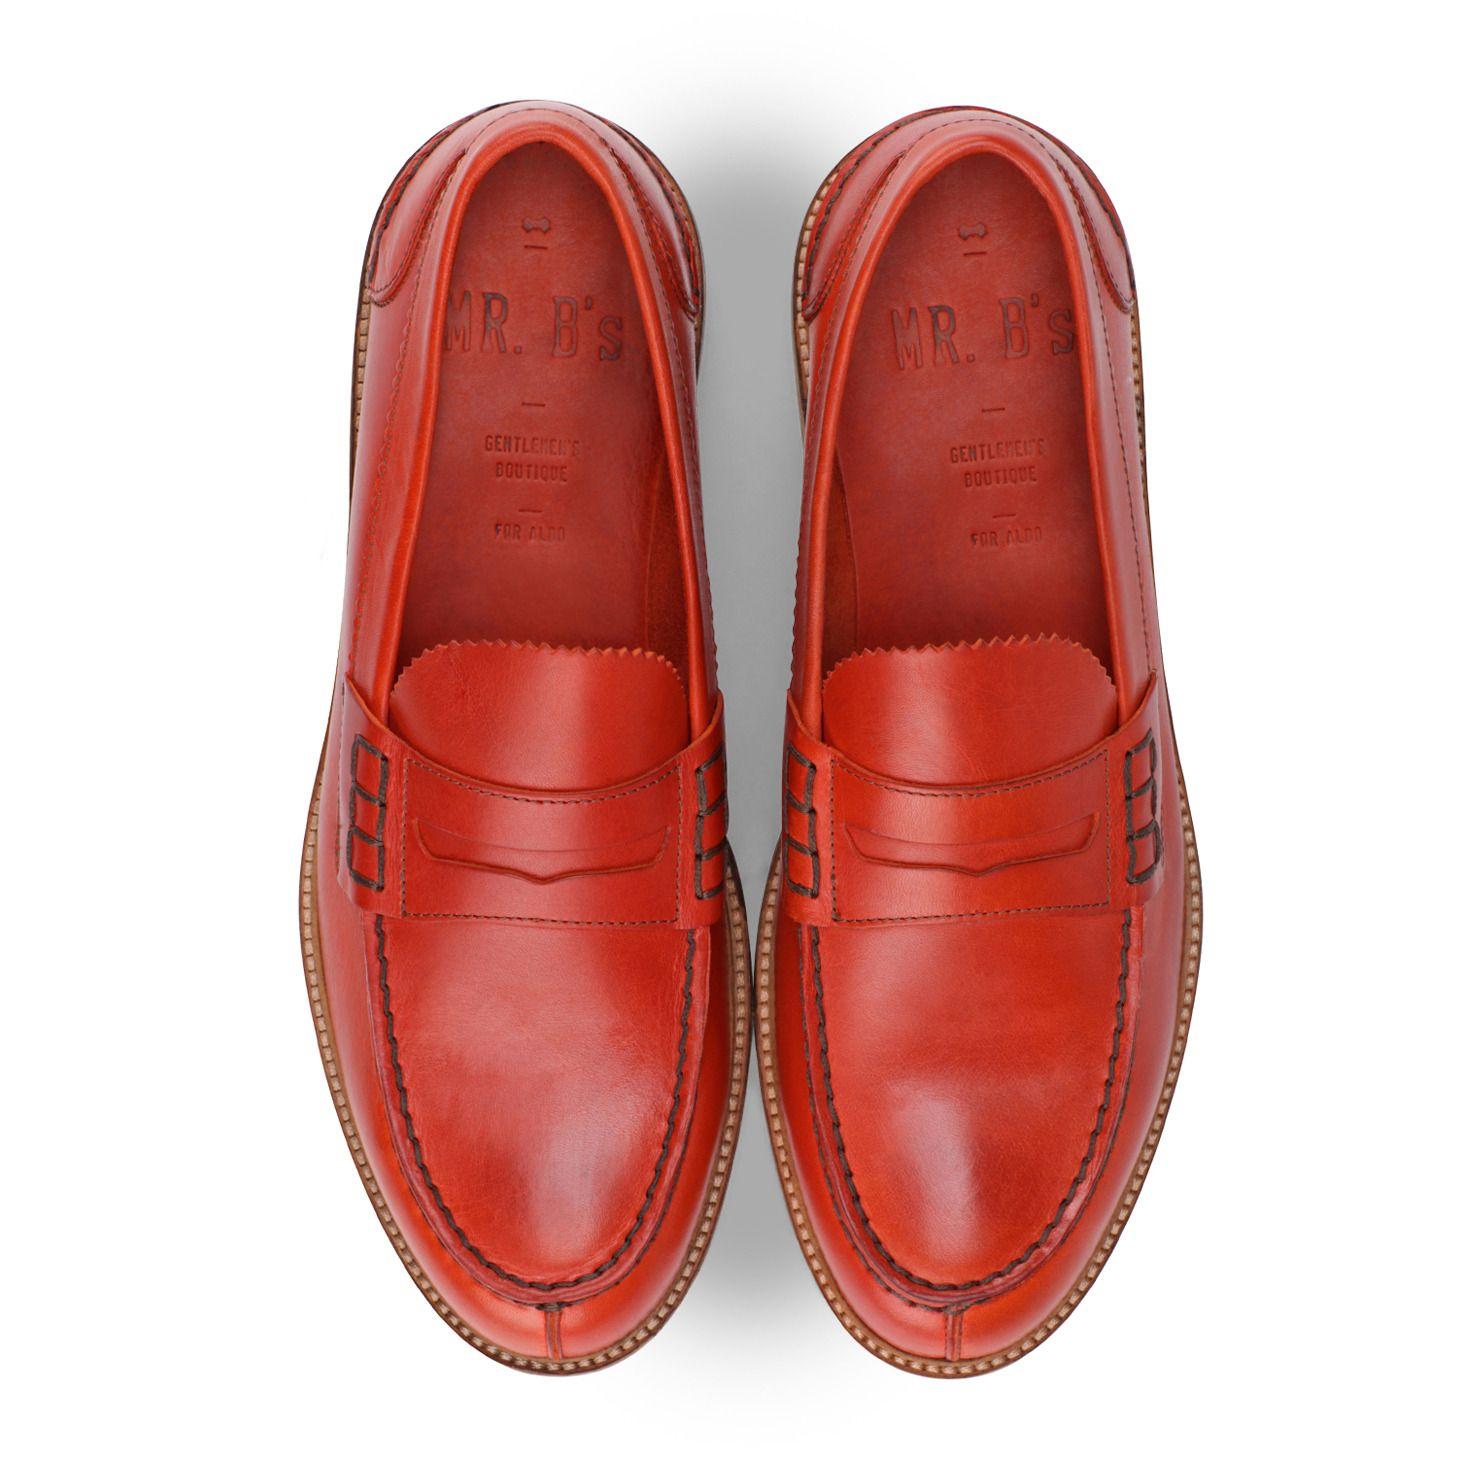 4c7d483622 GAHERIS - men's shoes mr. b's collection for sale at ALDO Shoes ...